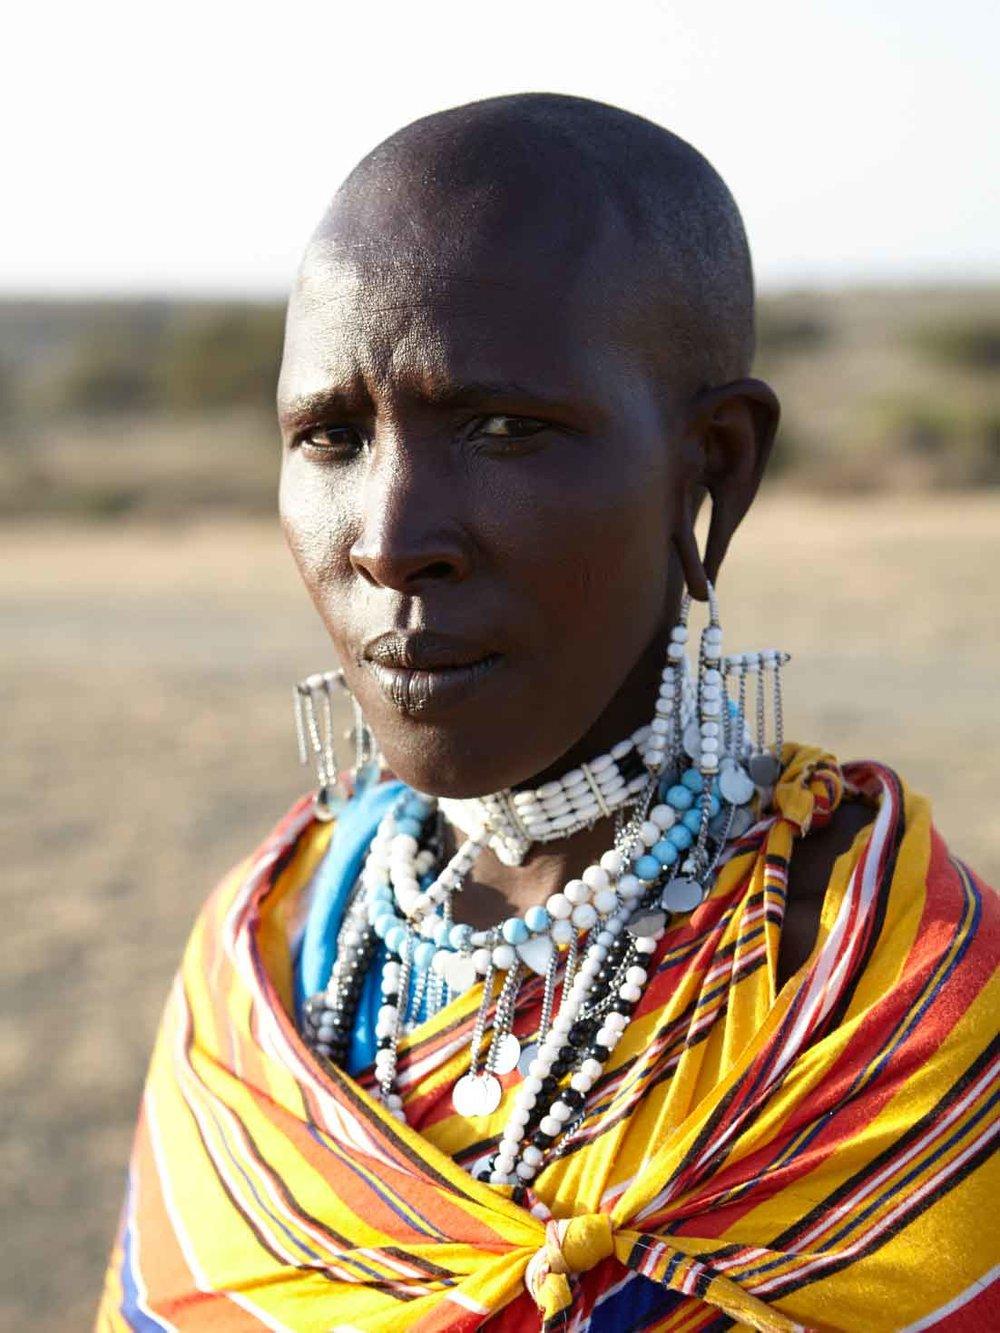 SARAH_STAIGER_Maasai_020.jpg